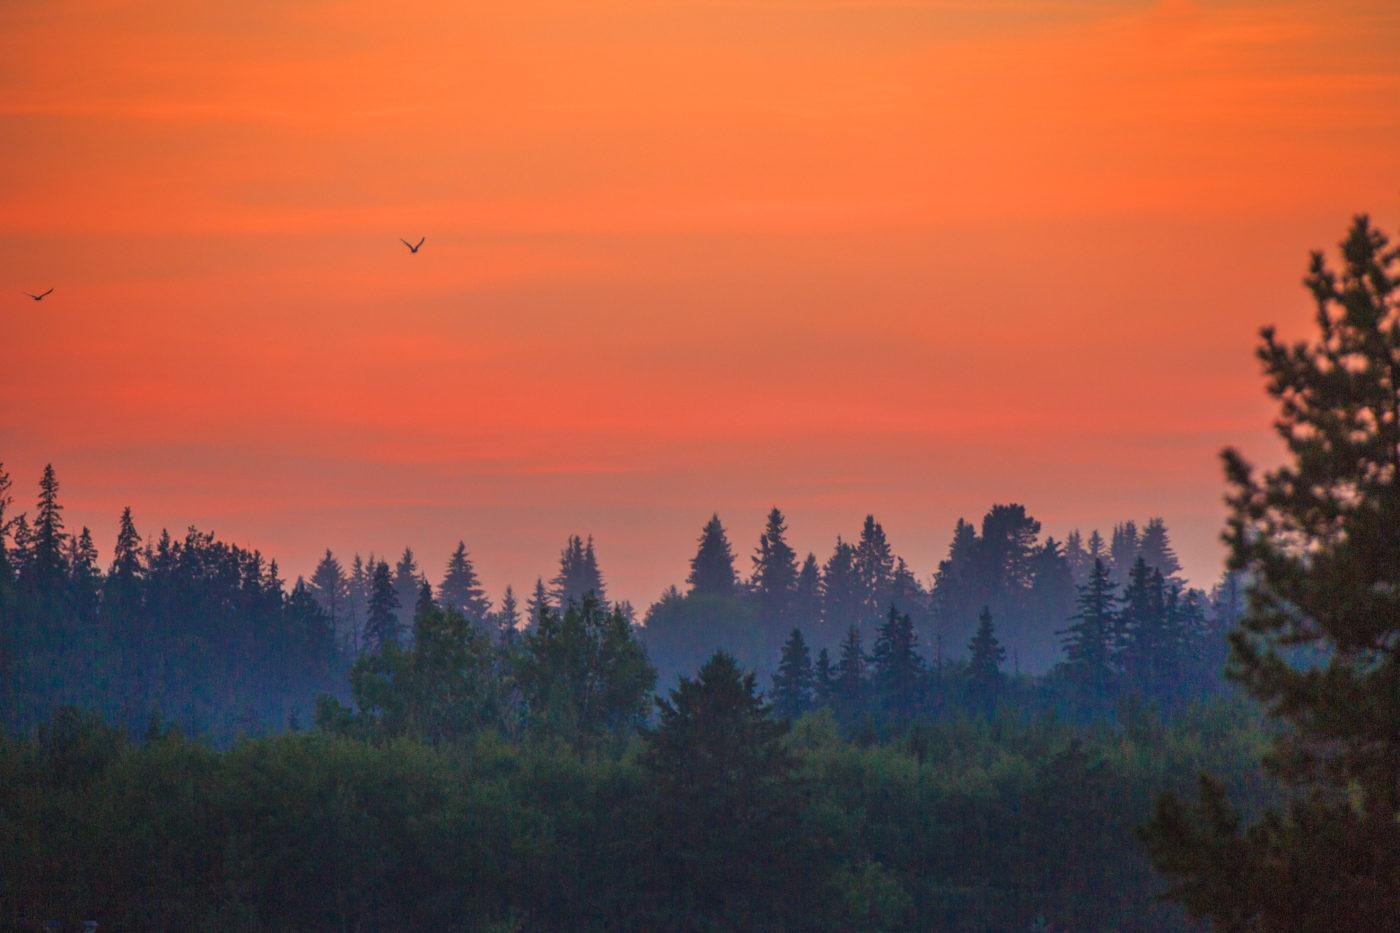 A beautful golden sunset over Edmonton.